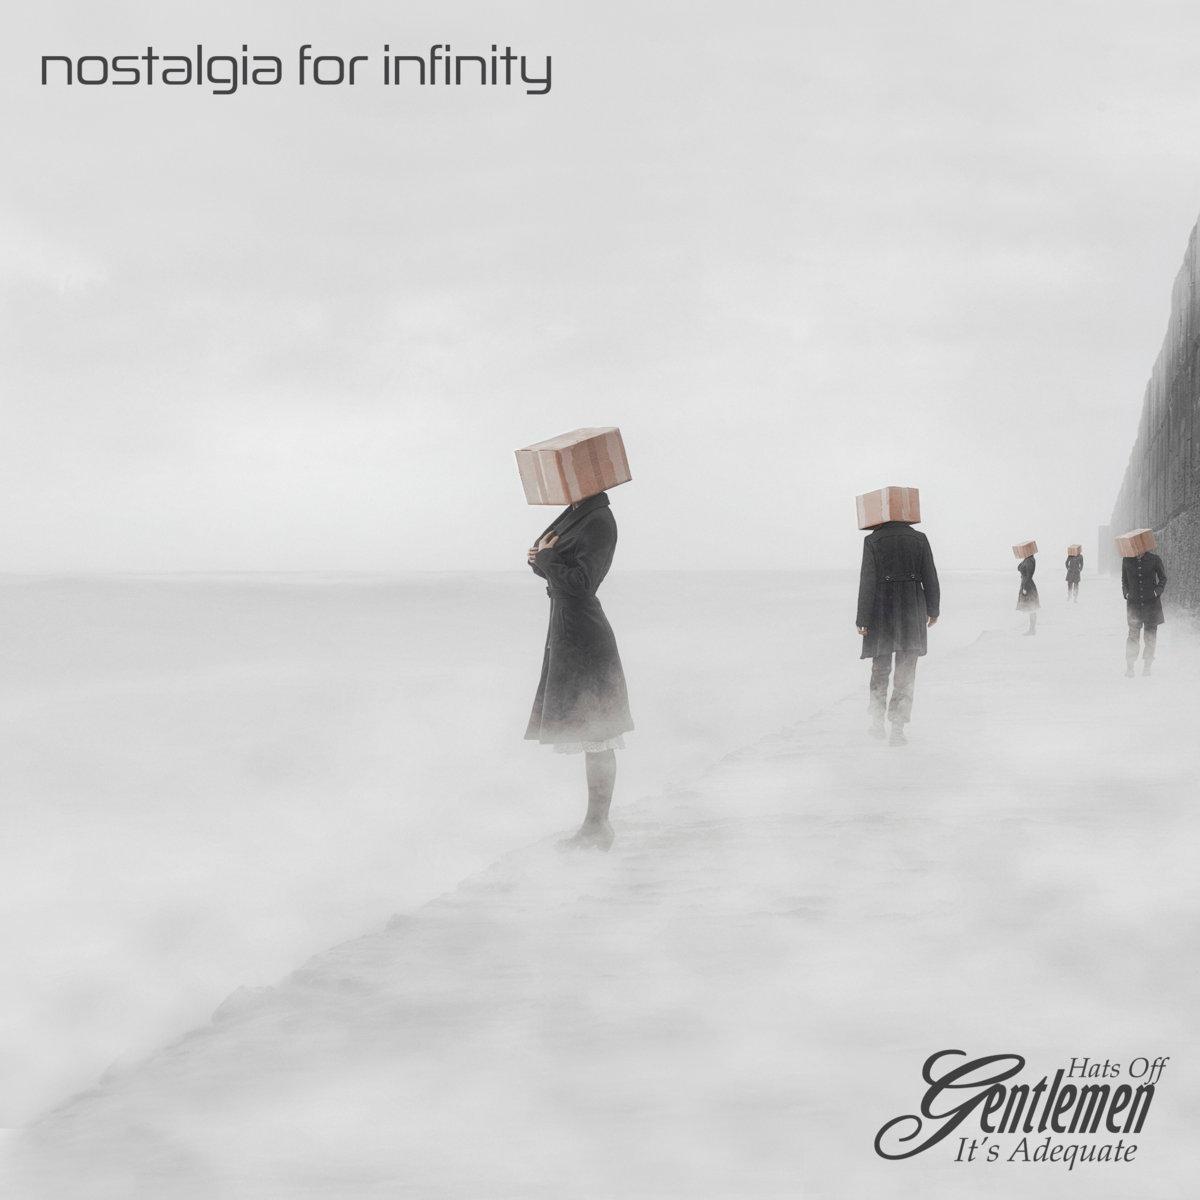 Hats Off Gentlemen It's Adequate: Nostalgia for Infinity